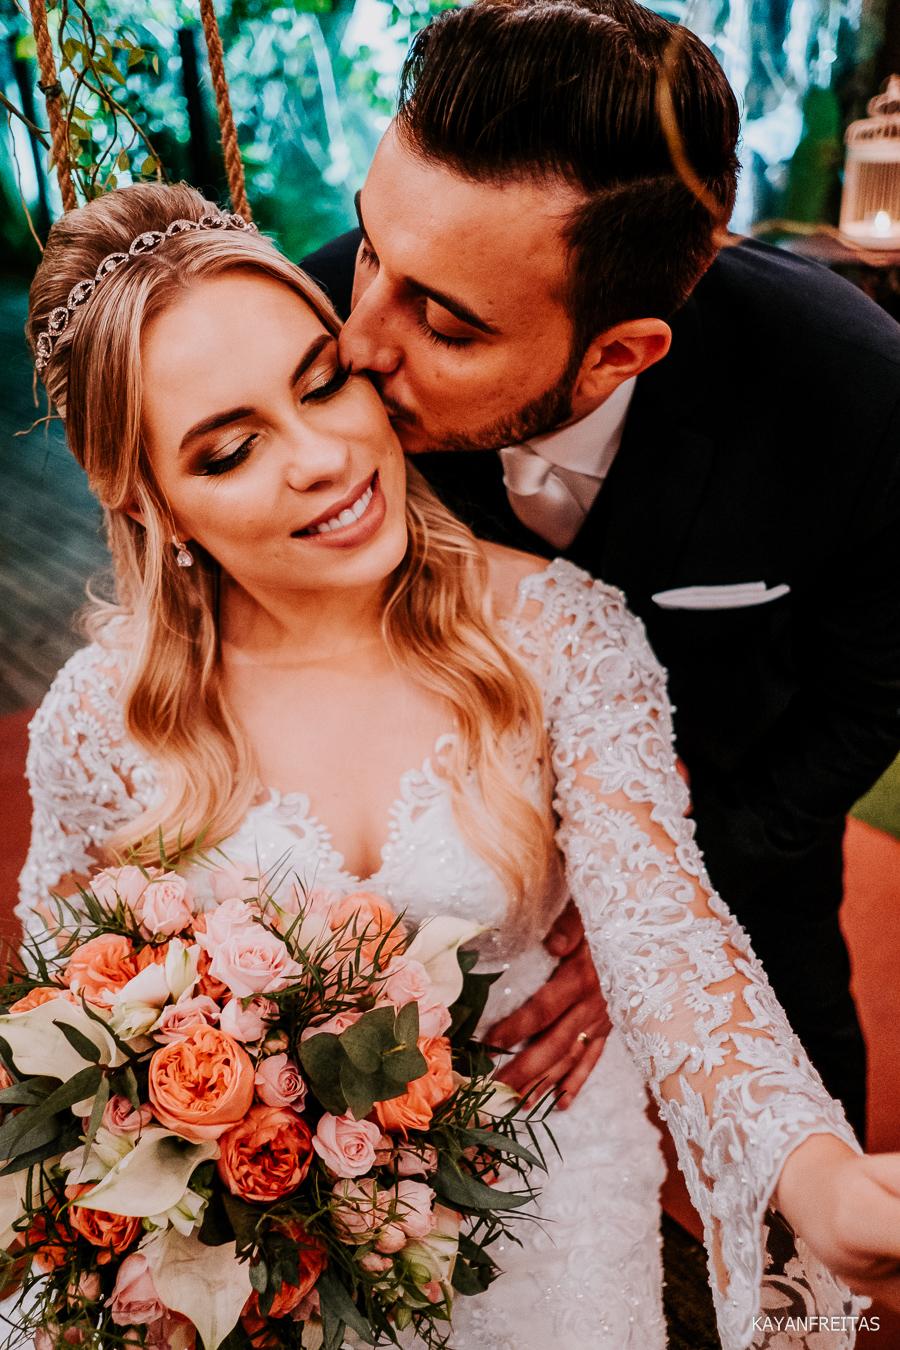 casamento-vila-dos-aracas-floripa-0128 Casamento Joana e Guilherme - Vila dos Araças